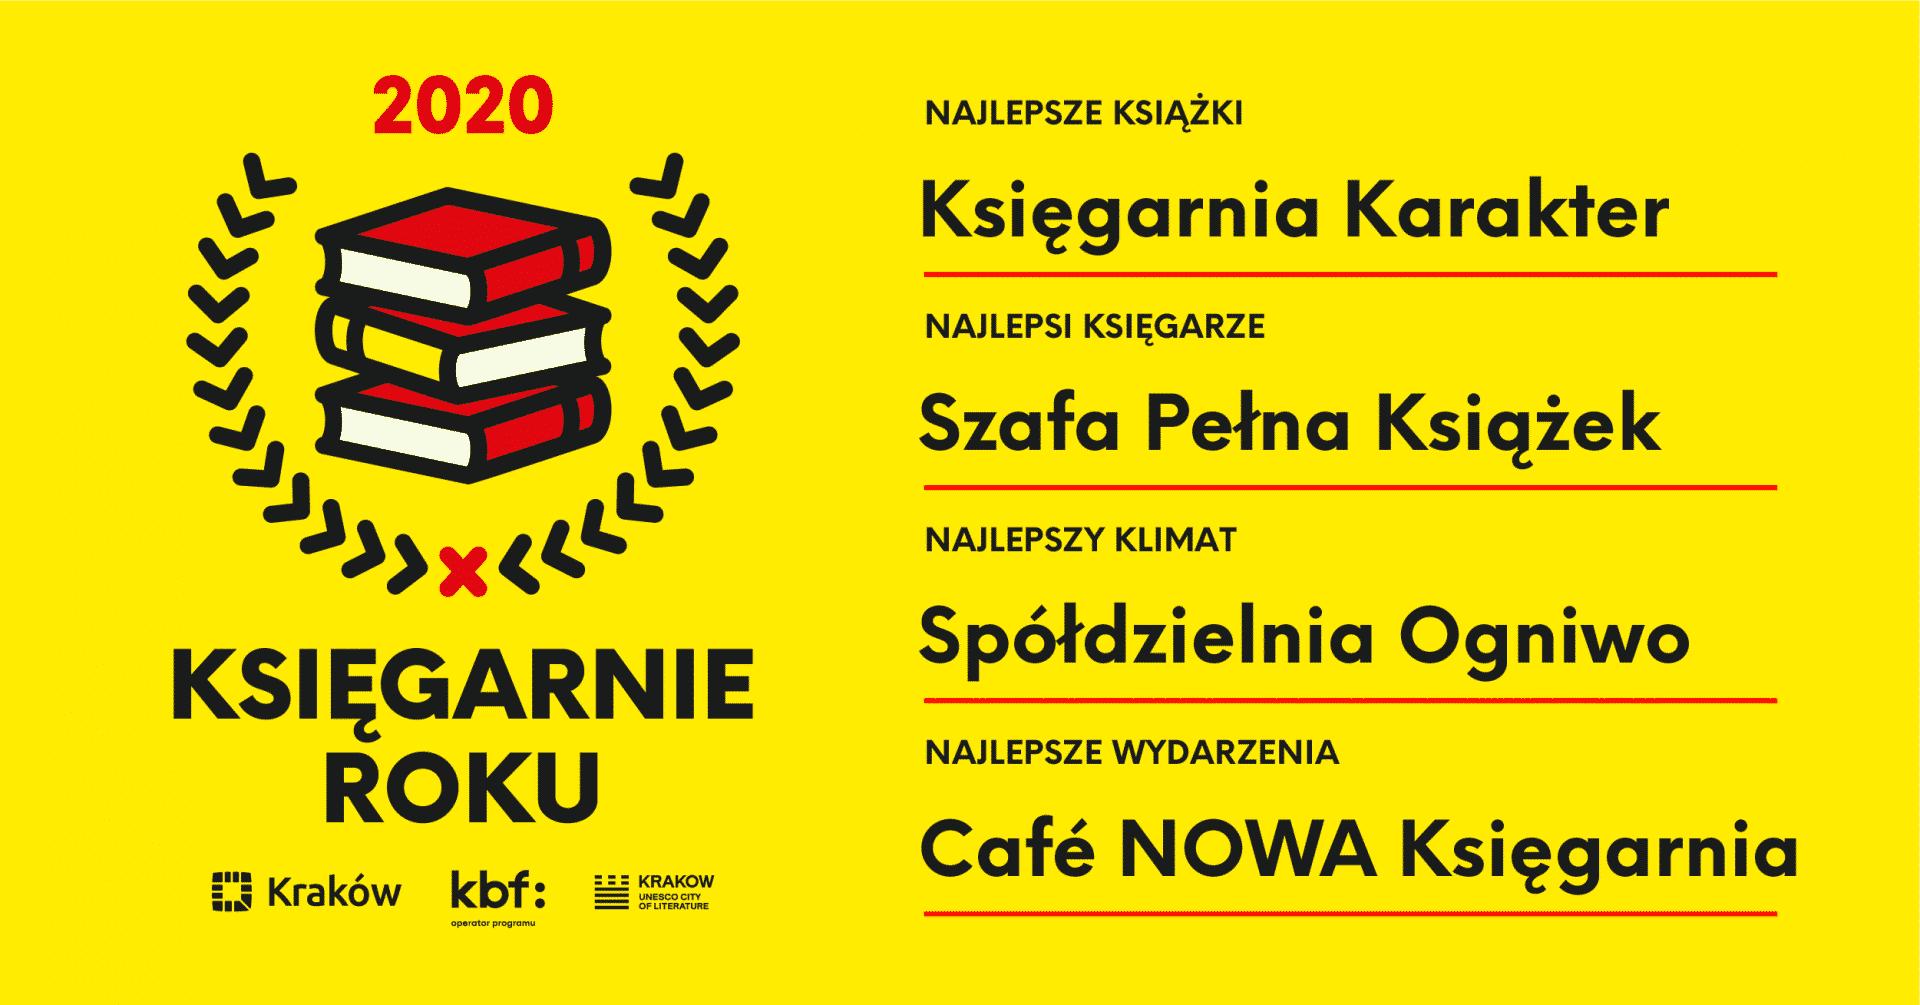 Księgarnie w Krakowie, które zostały wyróżnione w plebiscycie Krakowskiego Biura Festiwalowego.